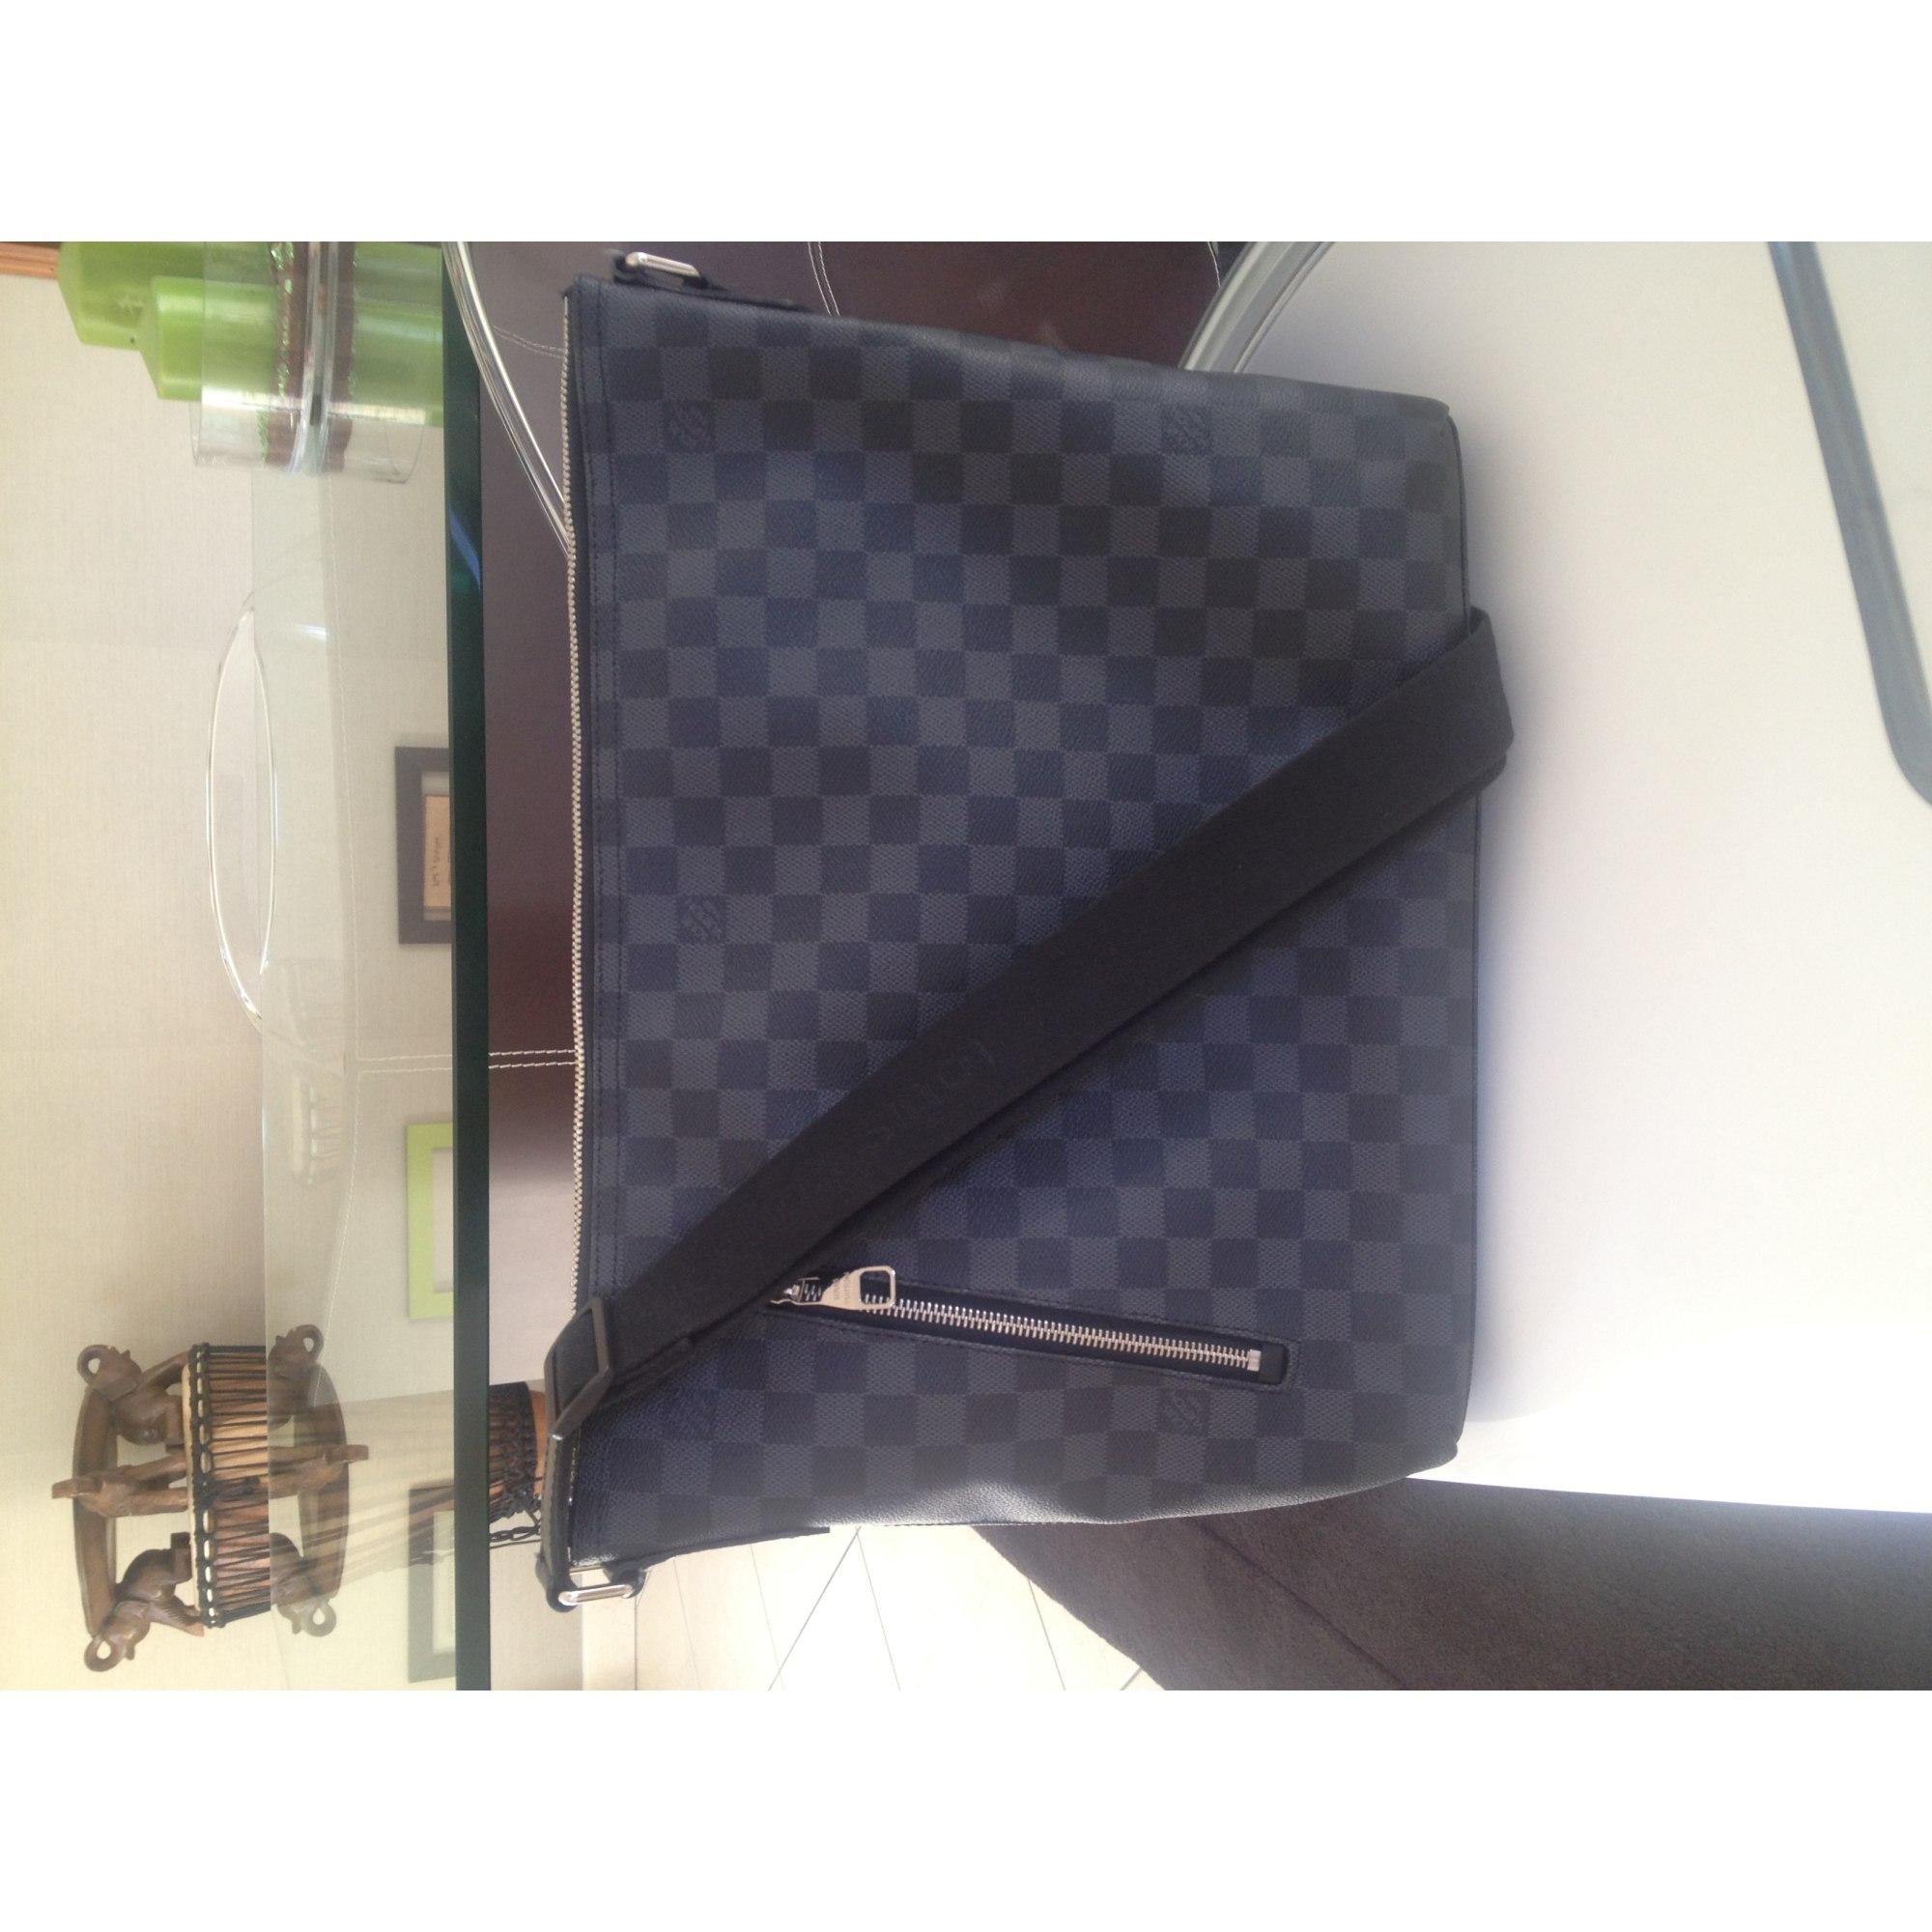 Sac en bandoulière LOUIS VUITTON damier gris anthracite et noir ... fcf495517bf